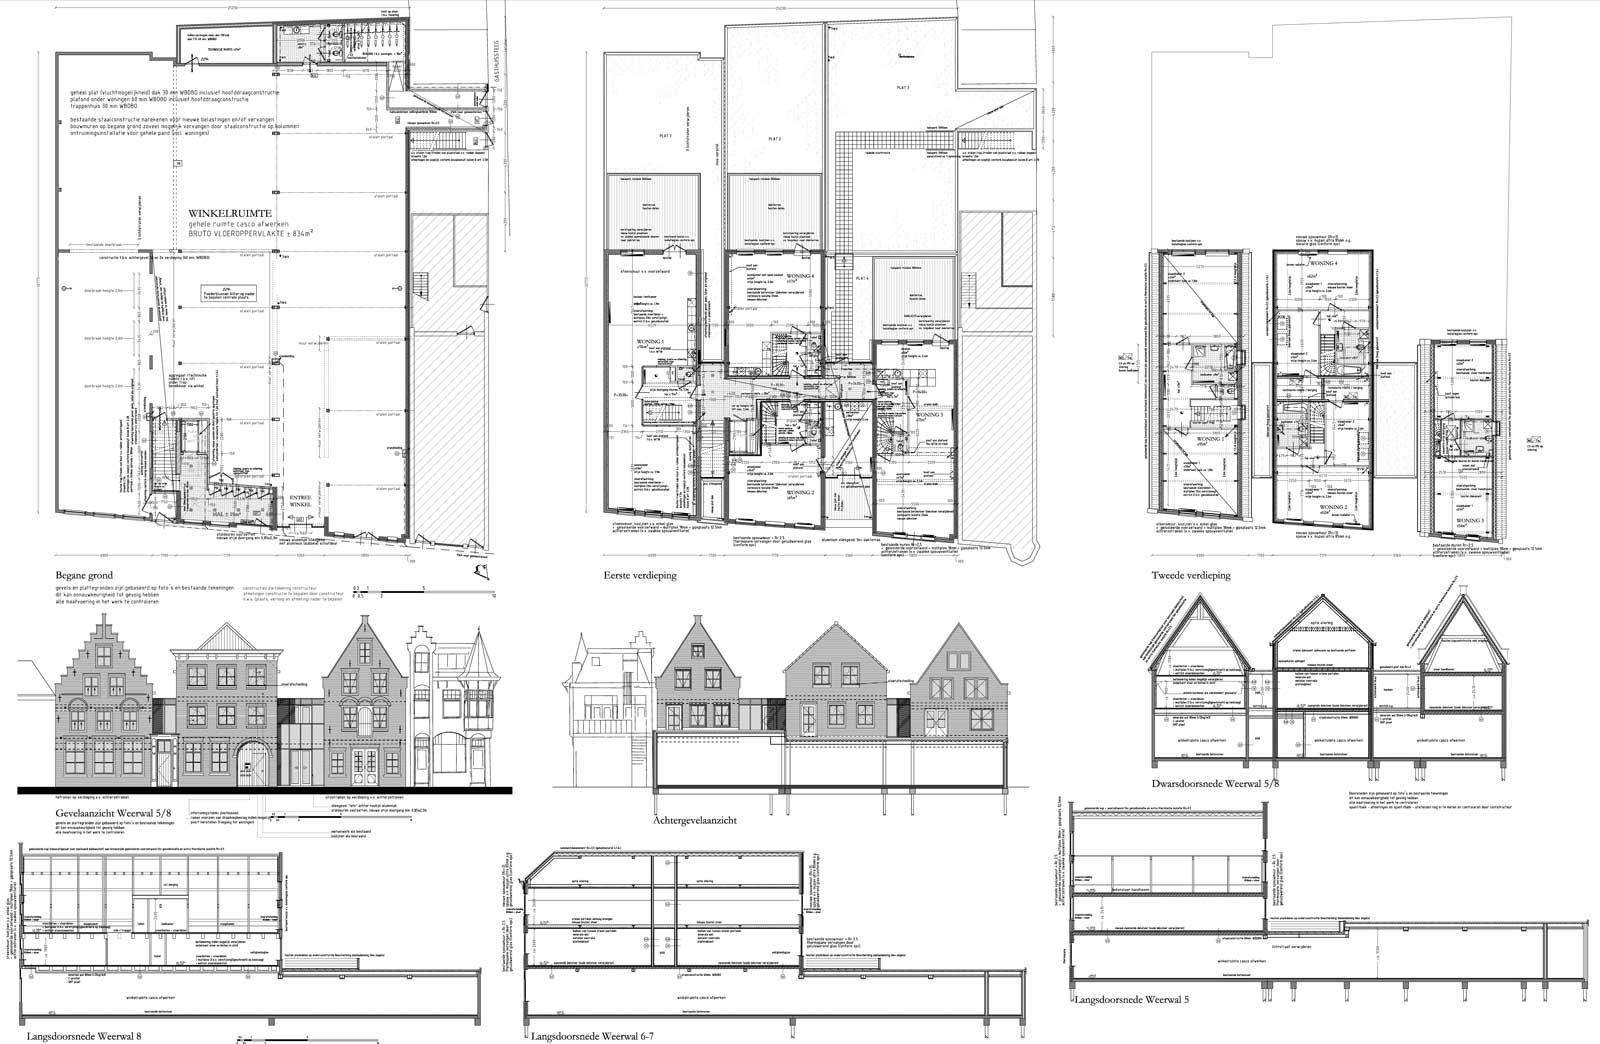 bouwtekening - rijksmonument winkel met stadsappartementen Weerwal Purmerend